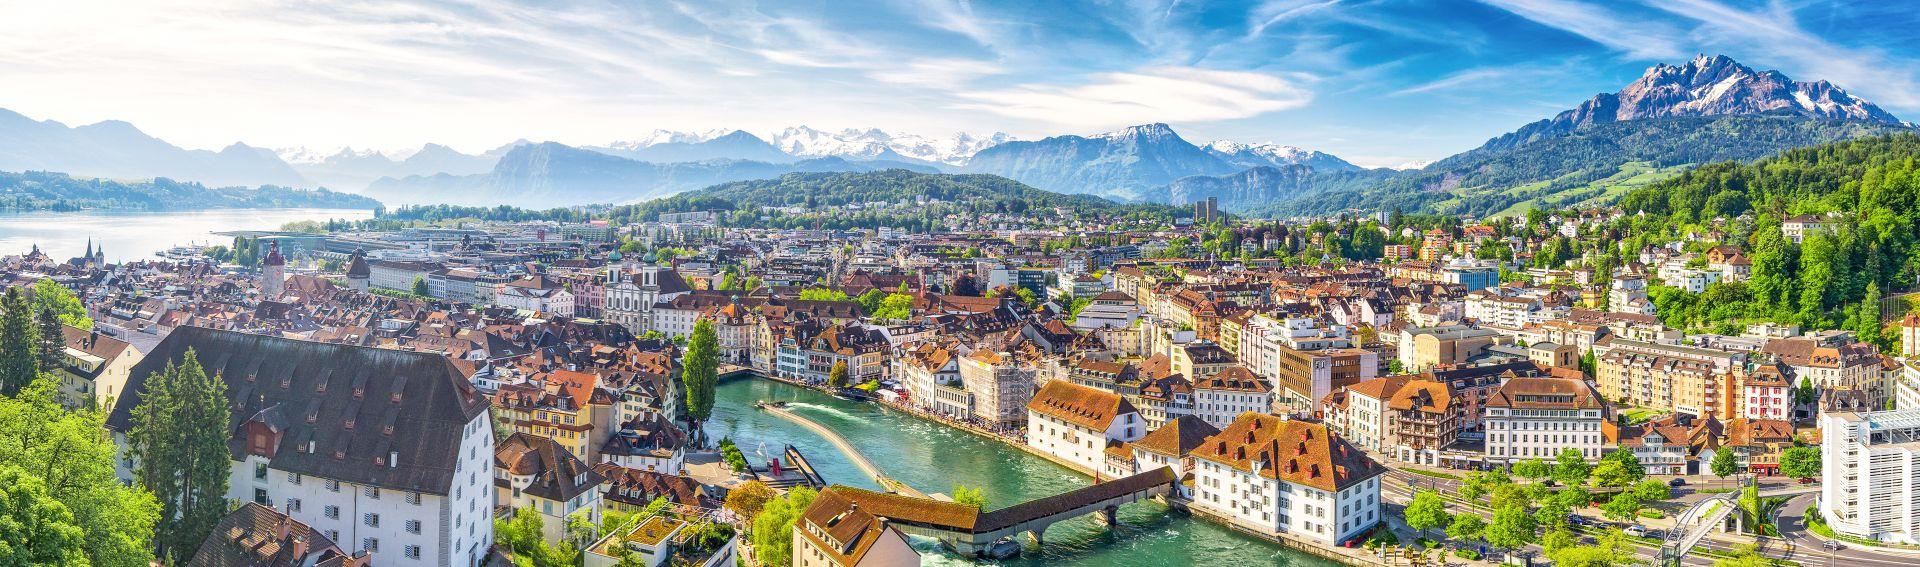 Lucerne & Lac des Quatre-Cantons